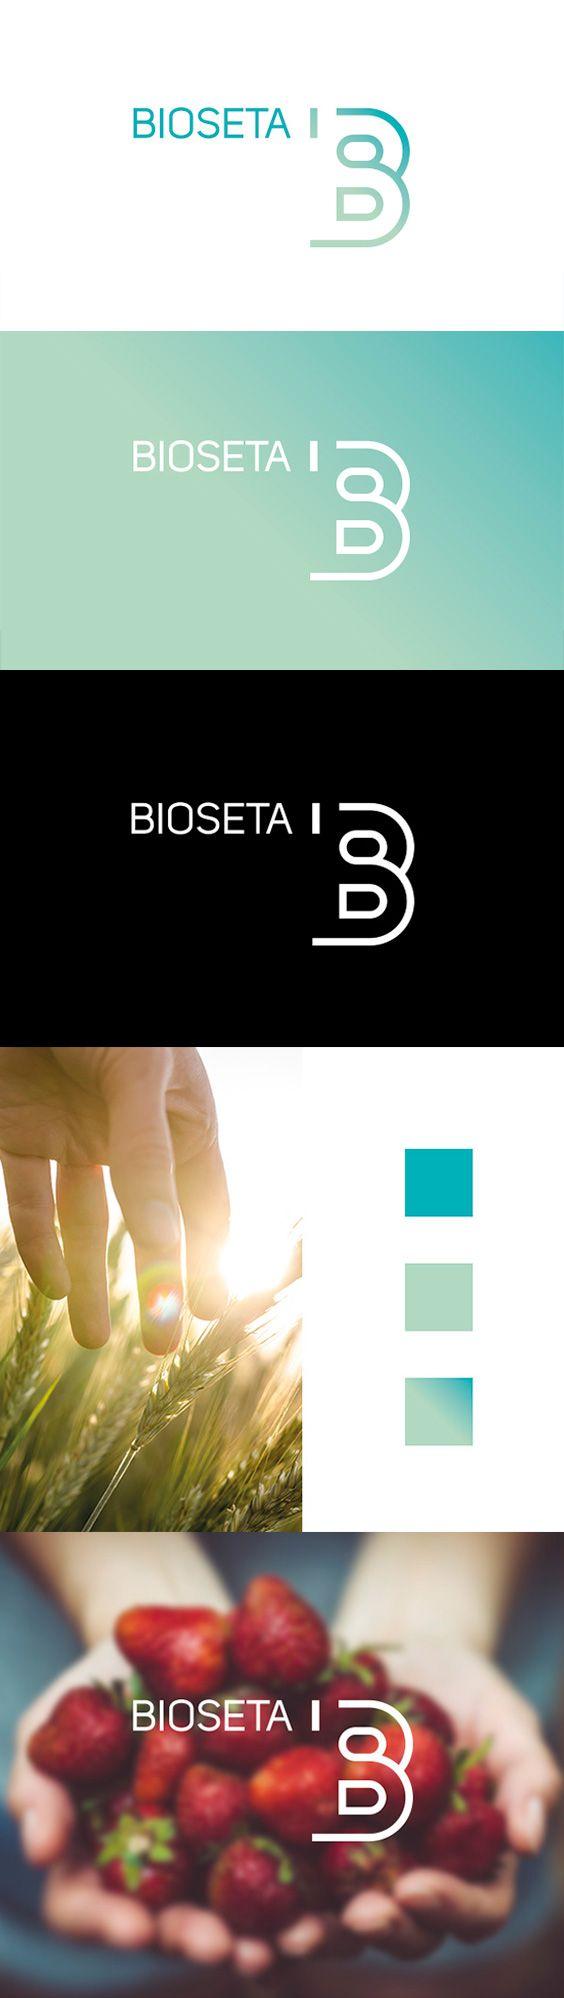 """El diseño del logotipo para la empresa Bioseta nace a partir del propio nombre de la marca. Para el símbolo se escogió utilizar la letra """"B"""" con una combinación de líneas orgánicas y rectas, y con un estilo atemporal."""